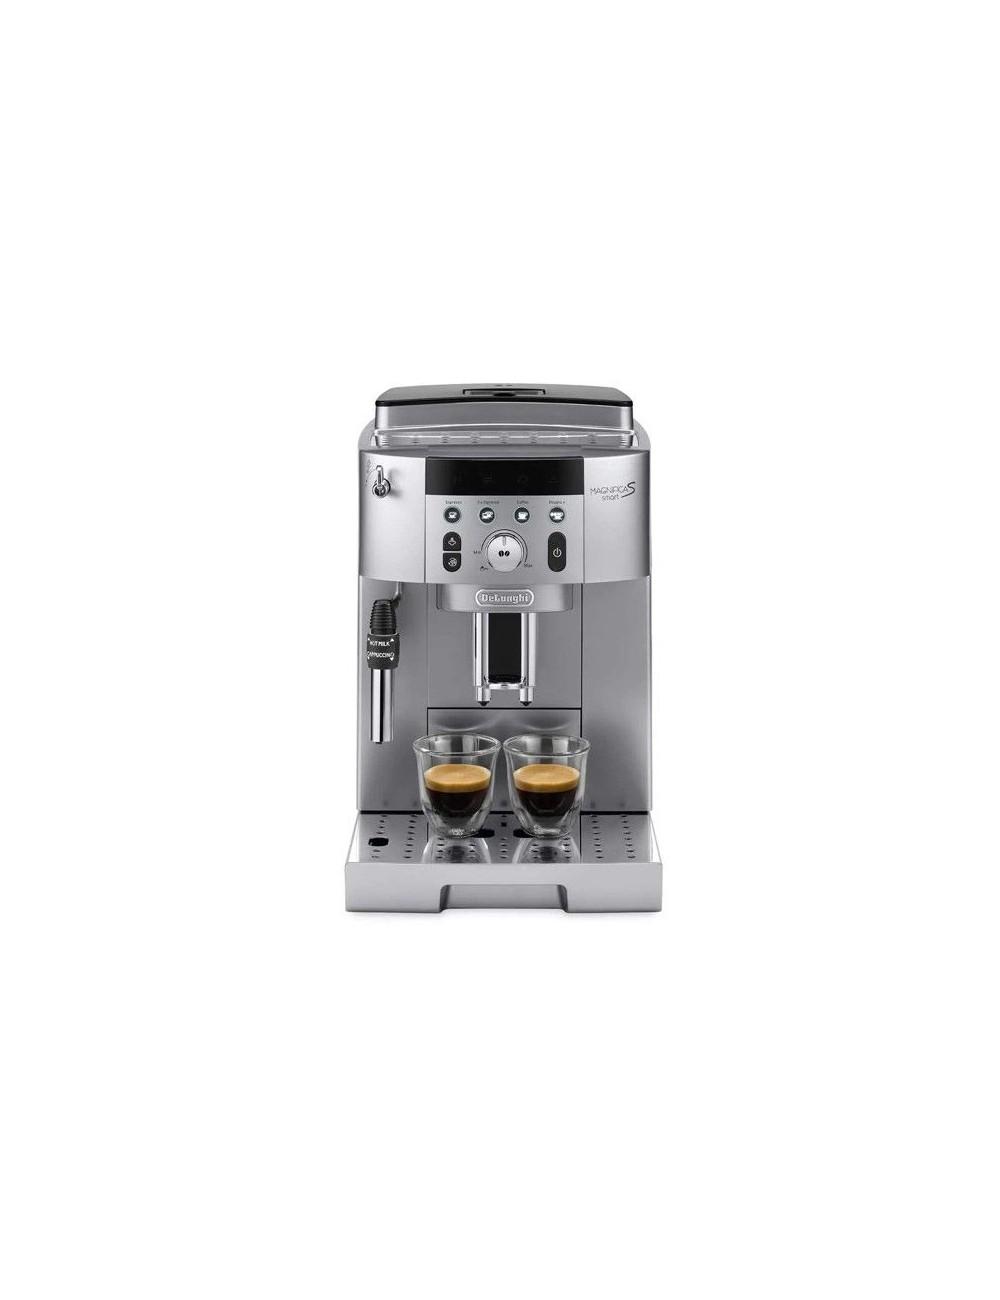 Cafetera superautomática Delonghi ECAM250.31 SB Magnifica S Smart